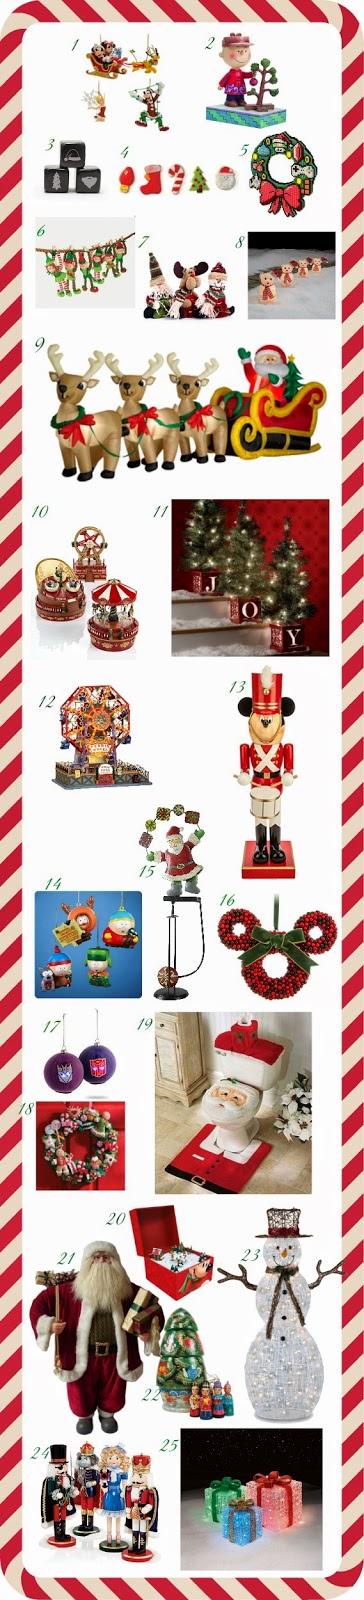 Decoração de Natal lojas no exterior